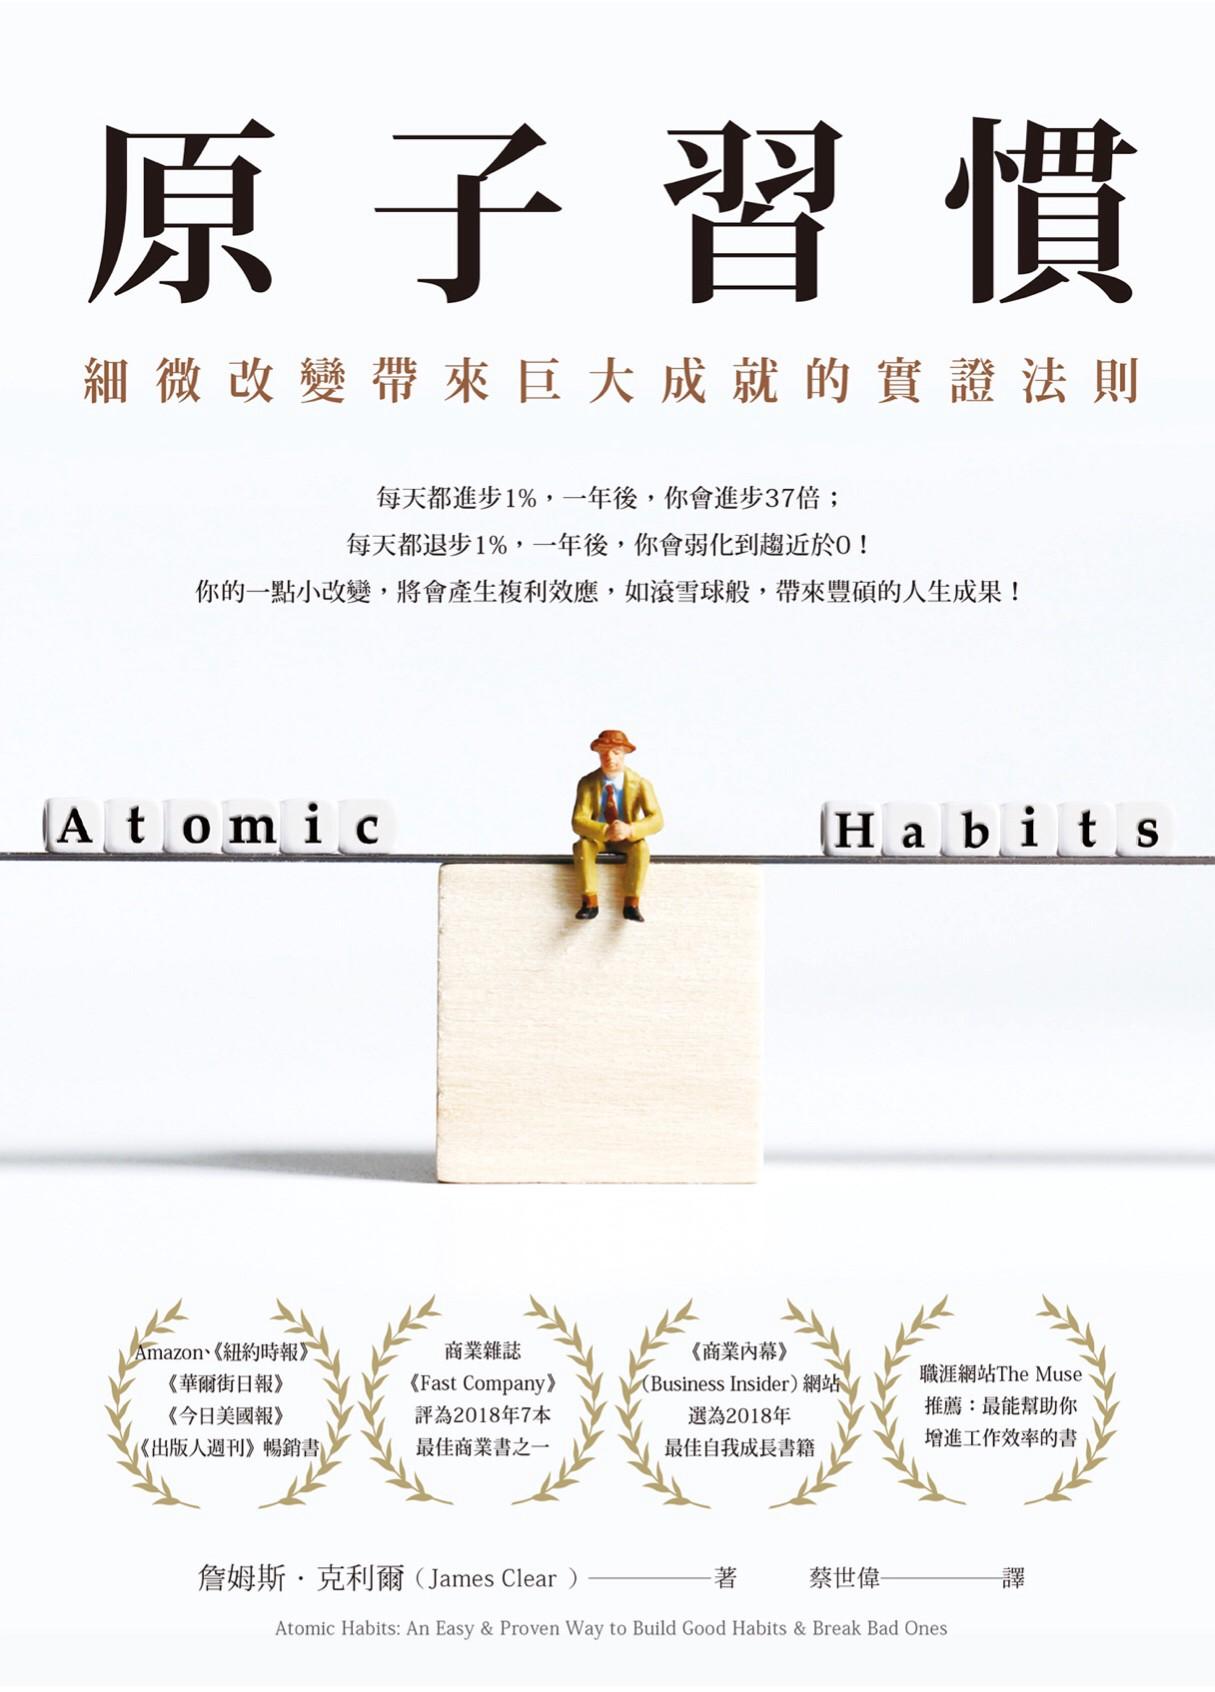 原子習慣-本集說書人:㻑媛